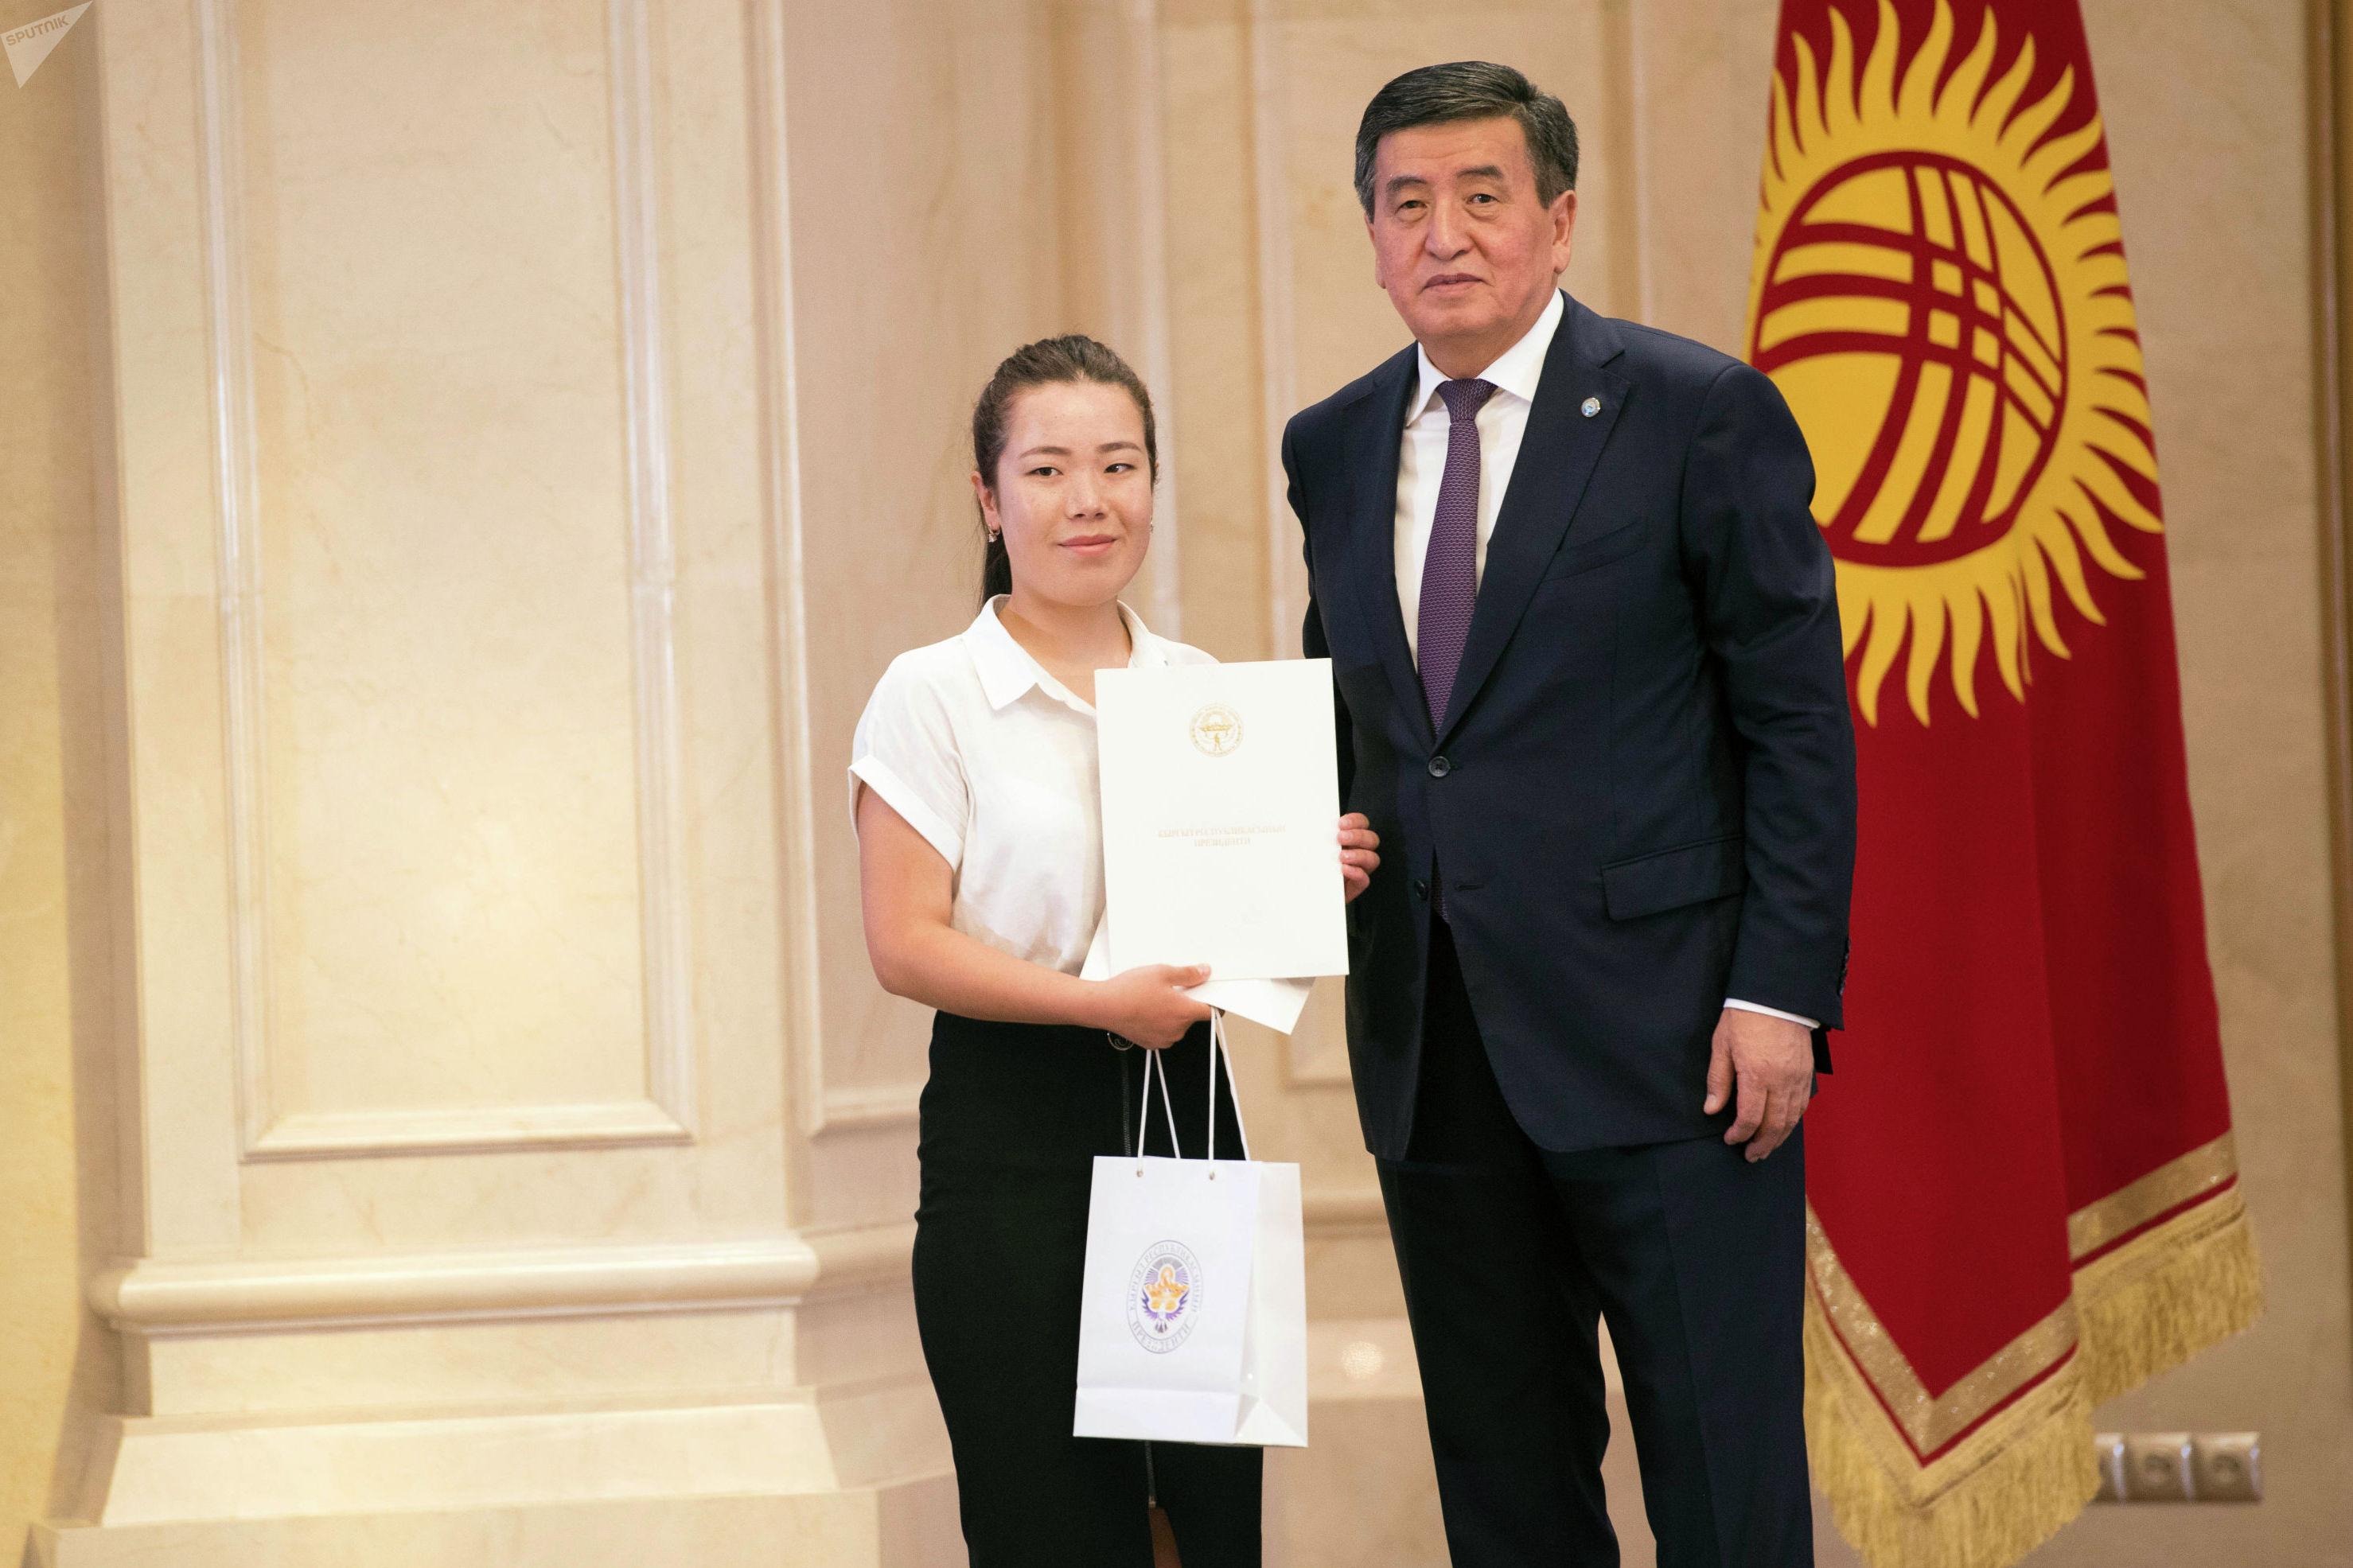 Президент Кыргызской Республики Сооронбай Жээнбеков и набравший высокий балл на ОРТ (231) Аида Борулукова из Лейлекского района Баткенской области на церемонии вручения золотых сертификатов выпускникам 2019 года